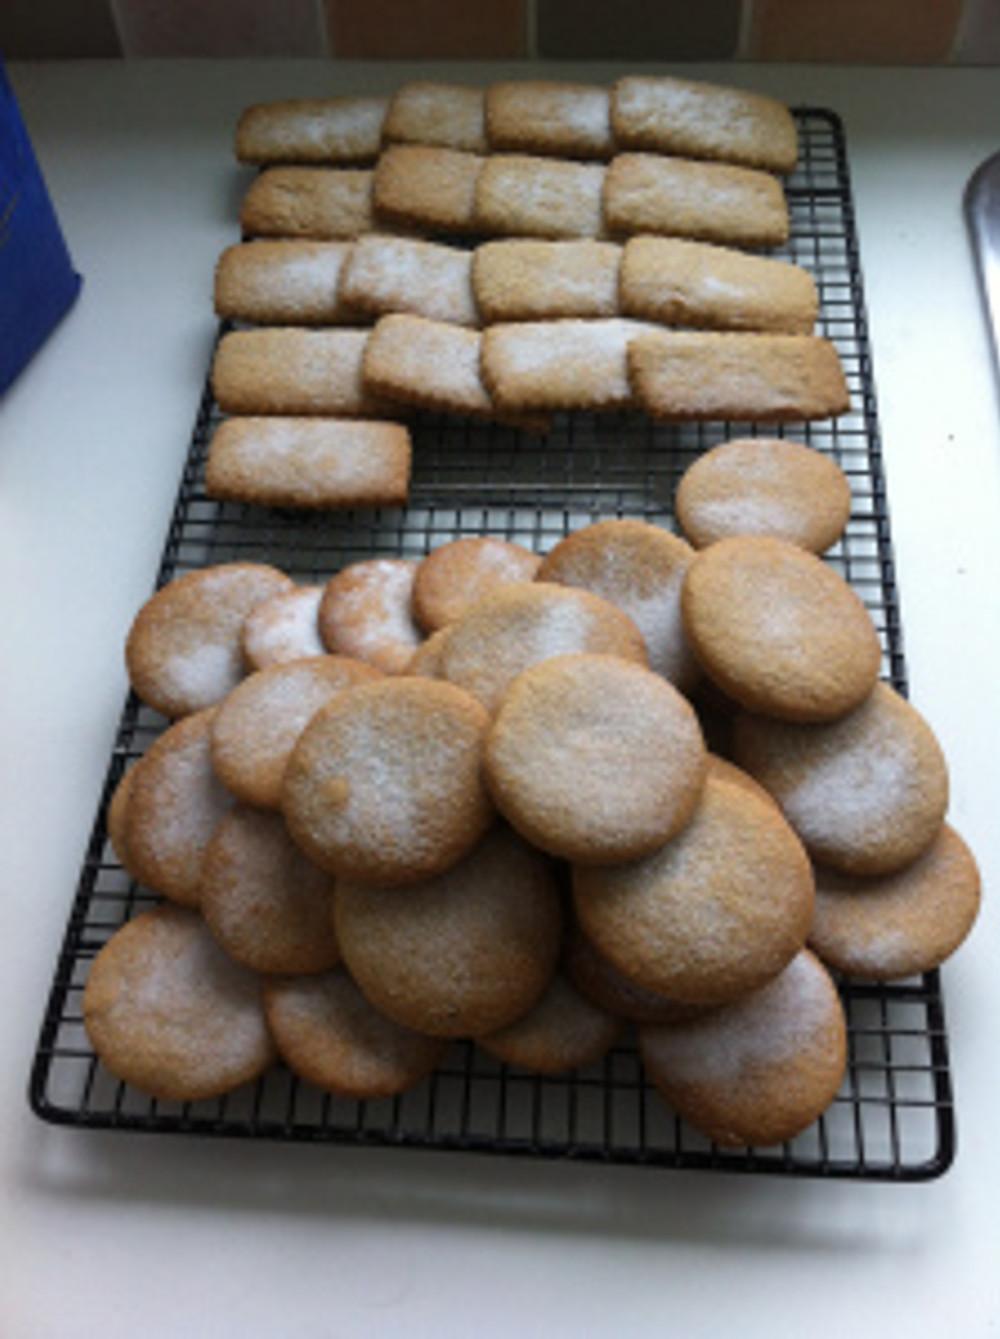 I enjoyed my baking session using the Speculaas Spice miz.